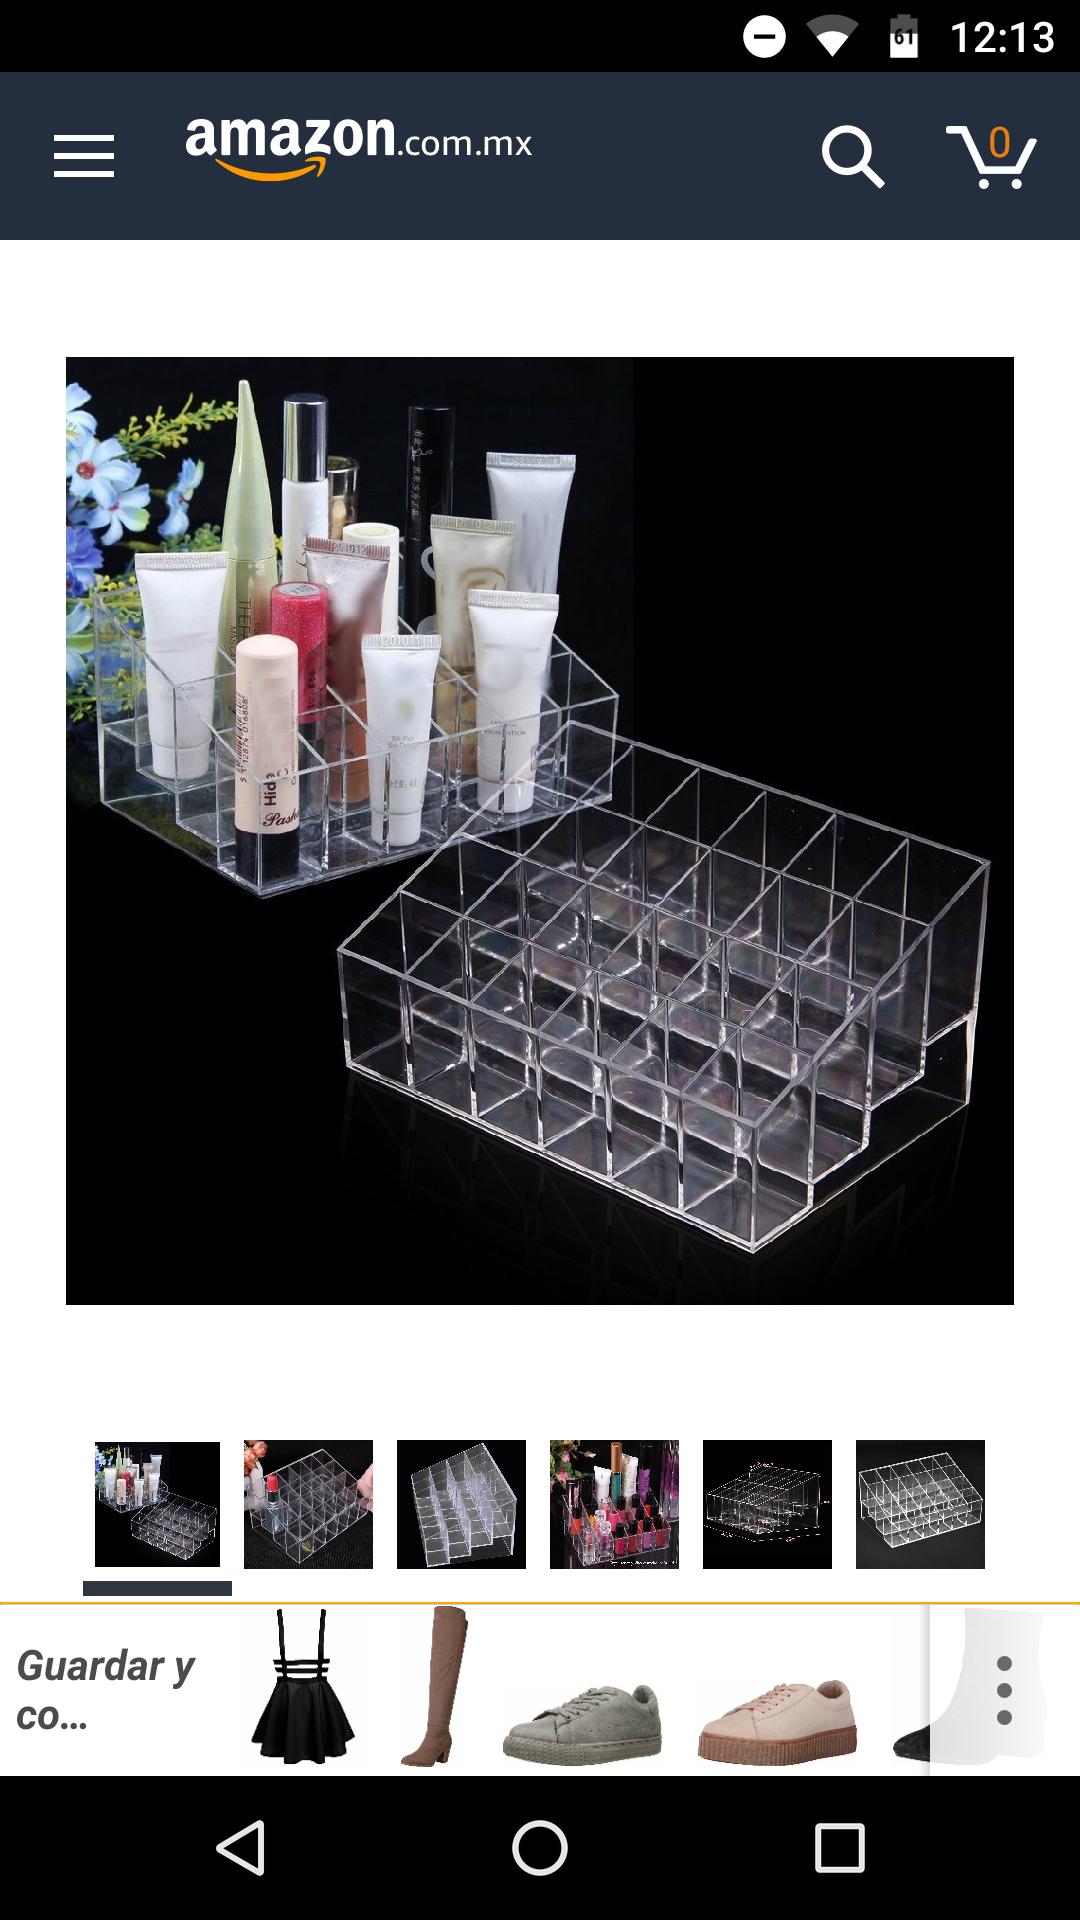 Amazon: Organizador para cosméticos (vendidoy enviado por un tercero desde China)